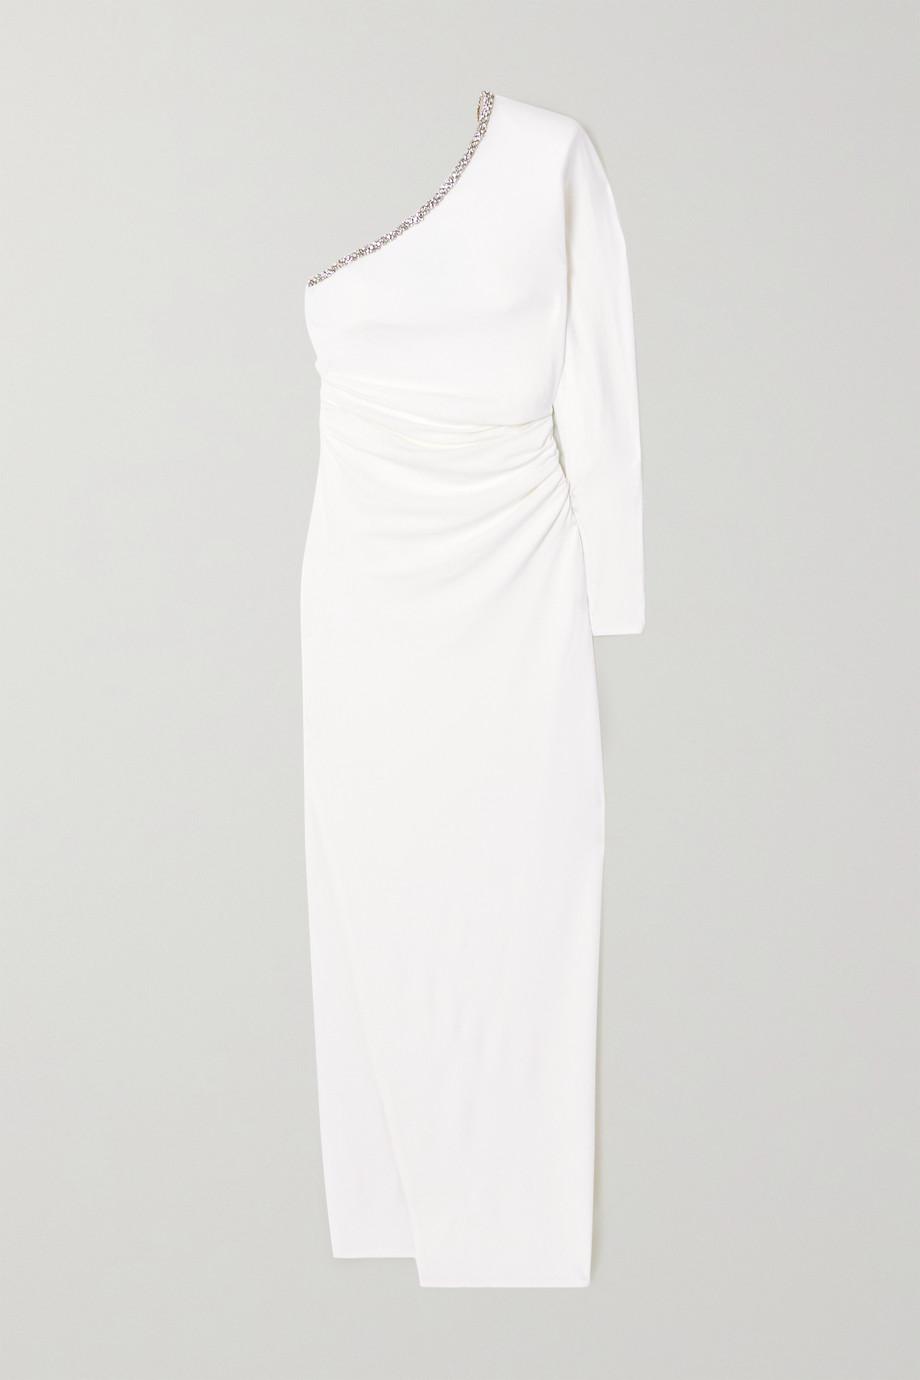 Alexandre Vauthier One-shoulder crystal-embellished stretch-crepe gown